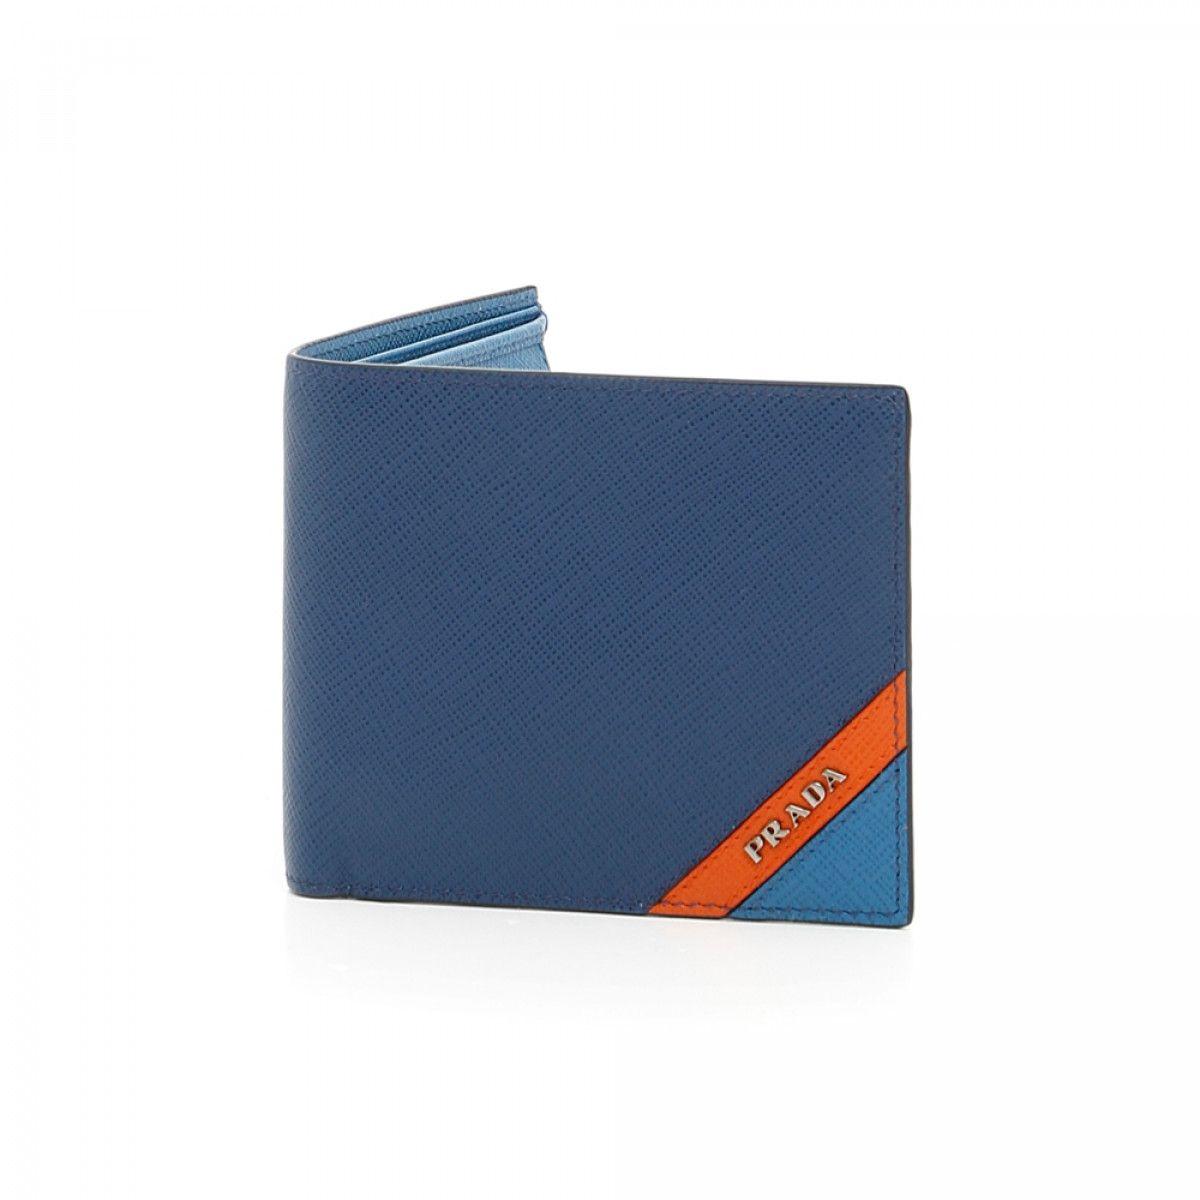 Prada wallets cardholders bluettepapaya prada wallet